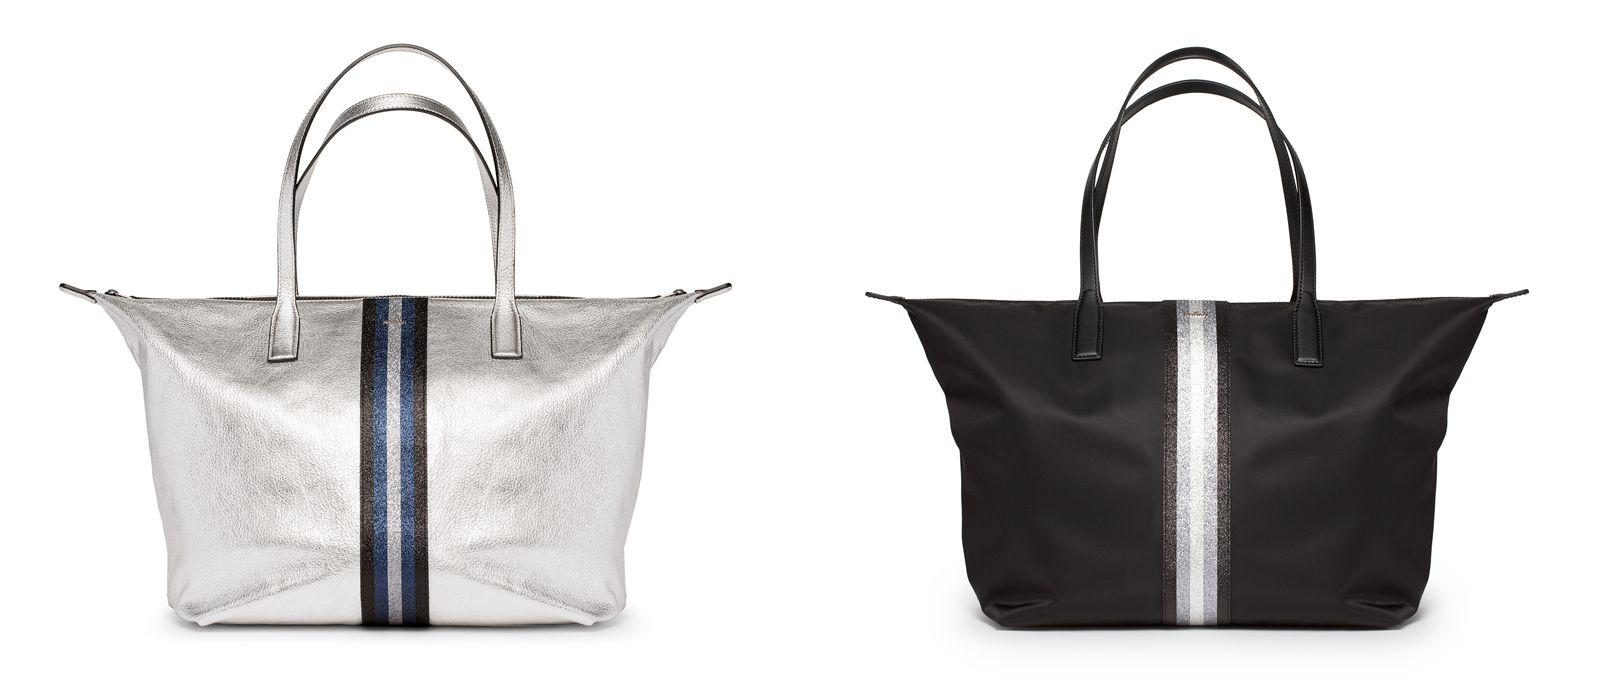 (左圖)HOGAN金屬銀色皮革托特包,NTD 16,500。 (右圖)HOGAN 黑色尼龍材質托特包,NTD 15,300。